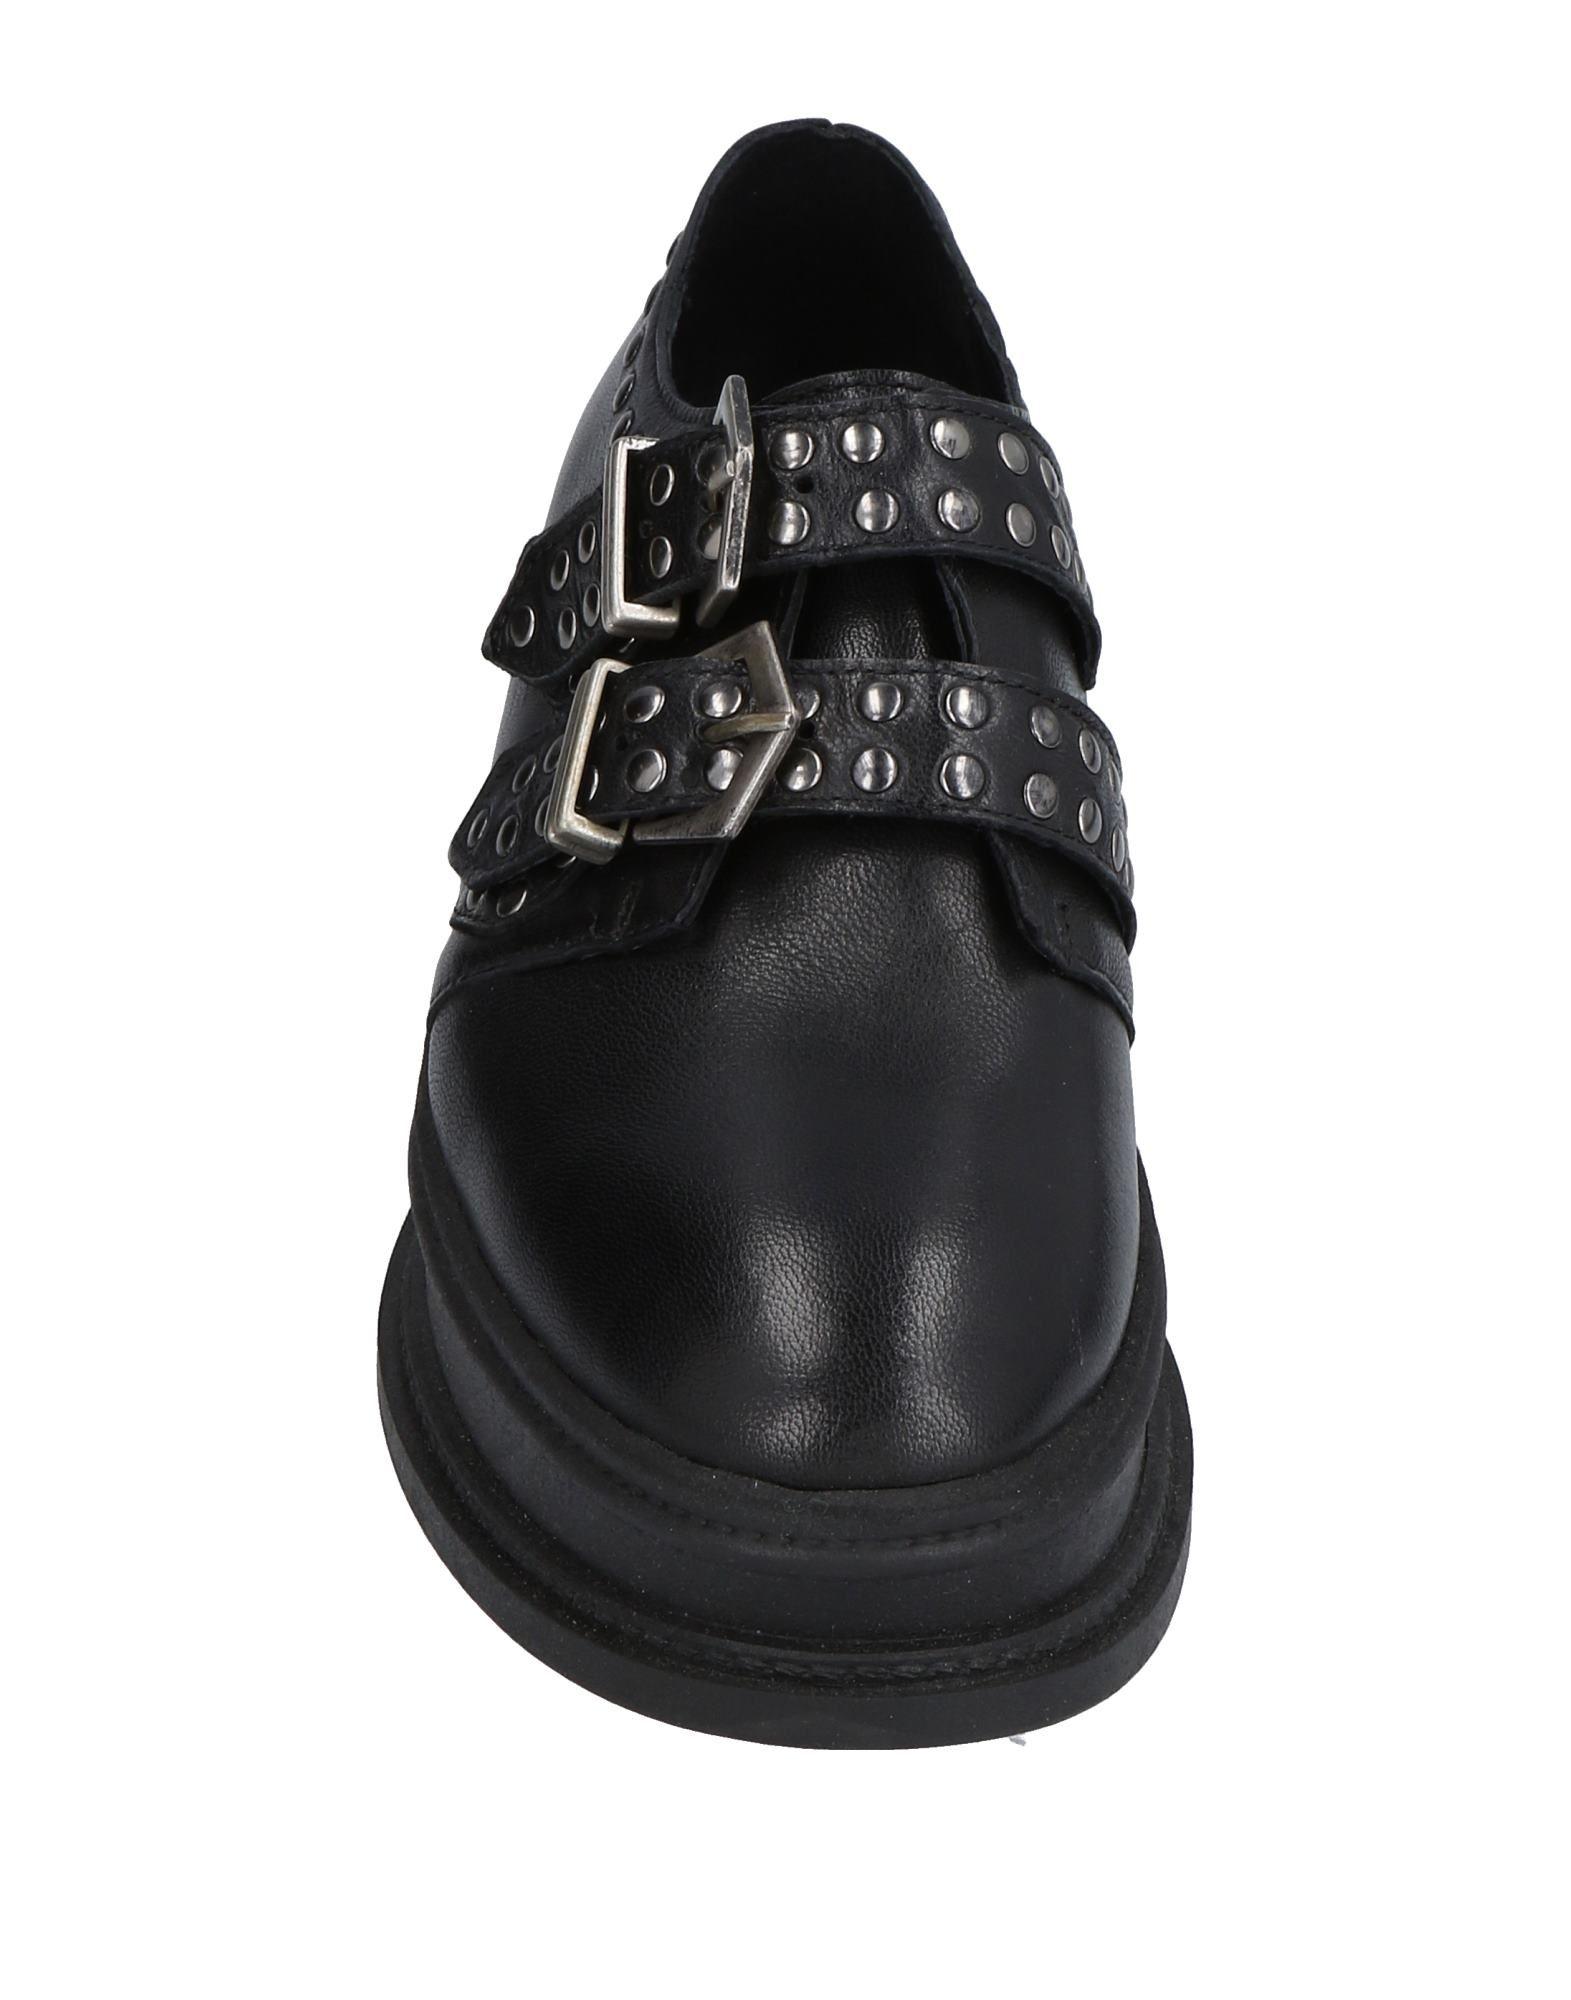 Unlace Mokassins Damen  11475051VT Gute Qualität beliebte Schuhe Schuhe Schuhe 3c0ba6